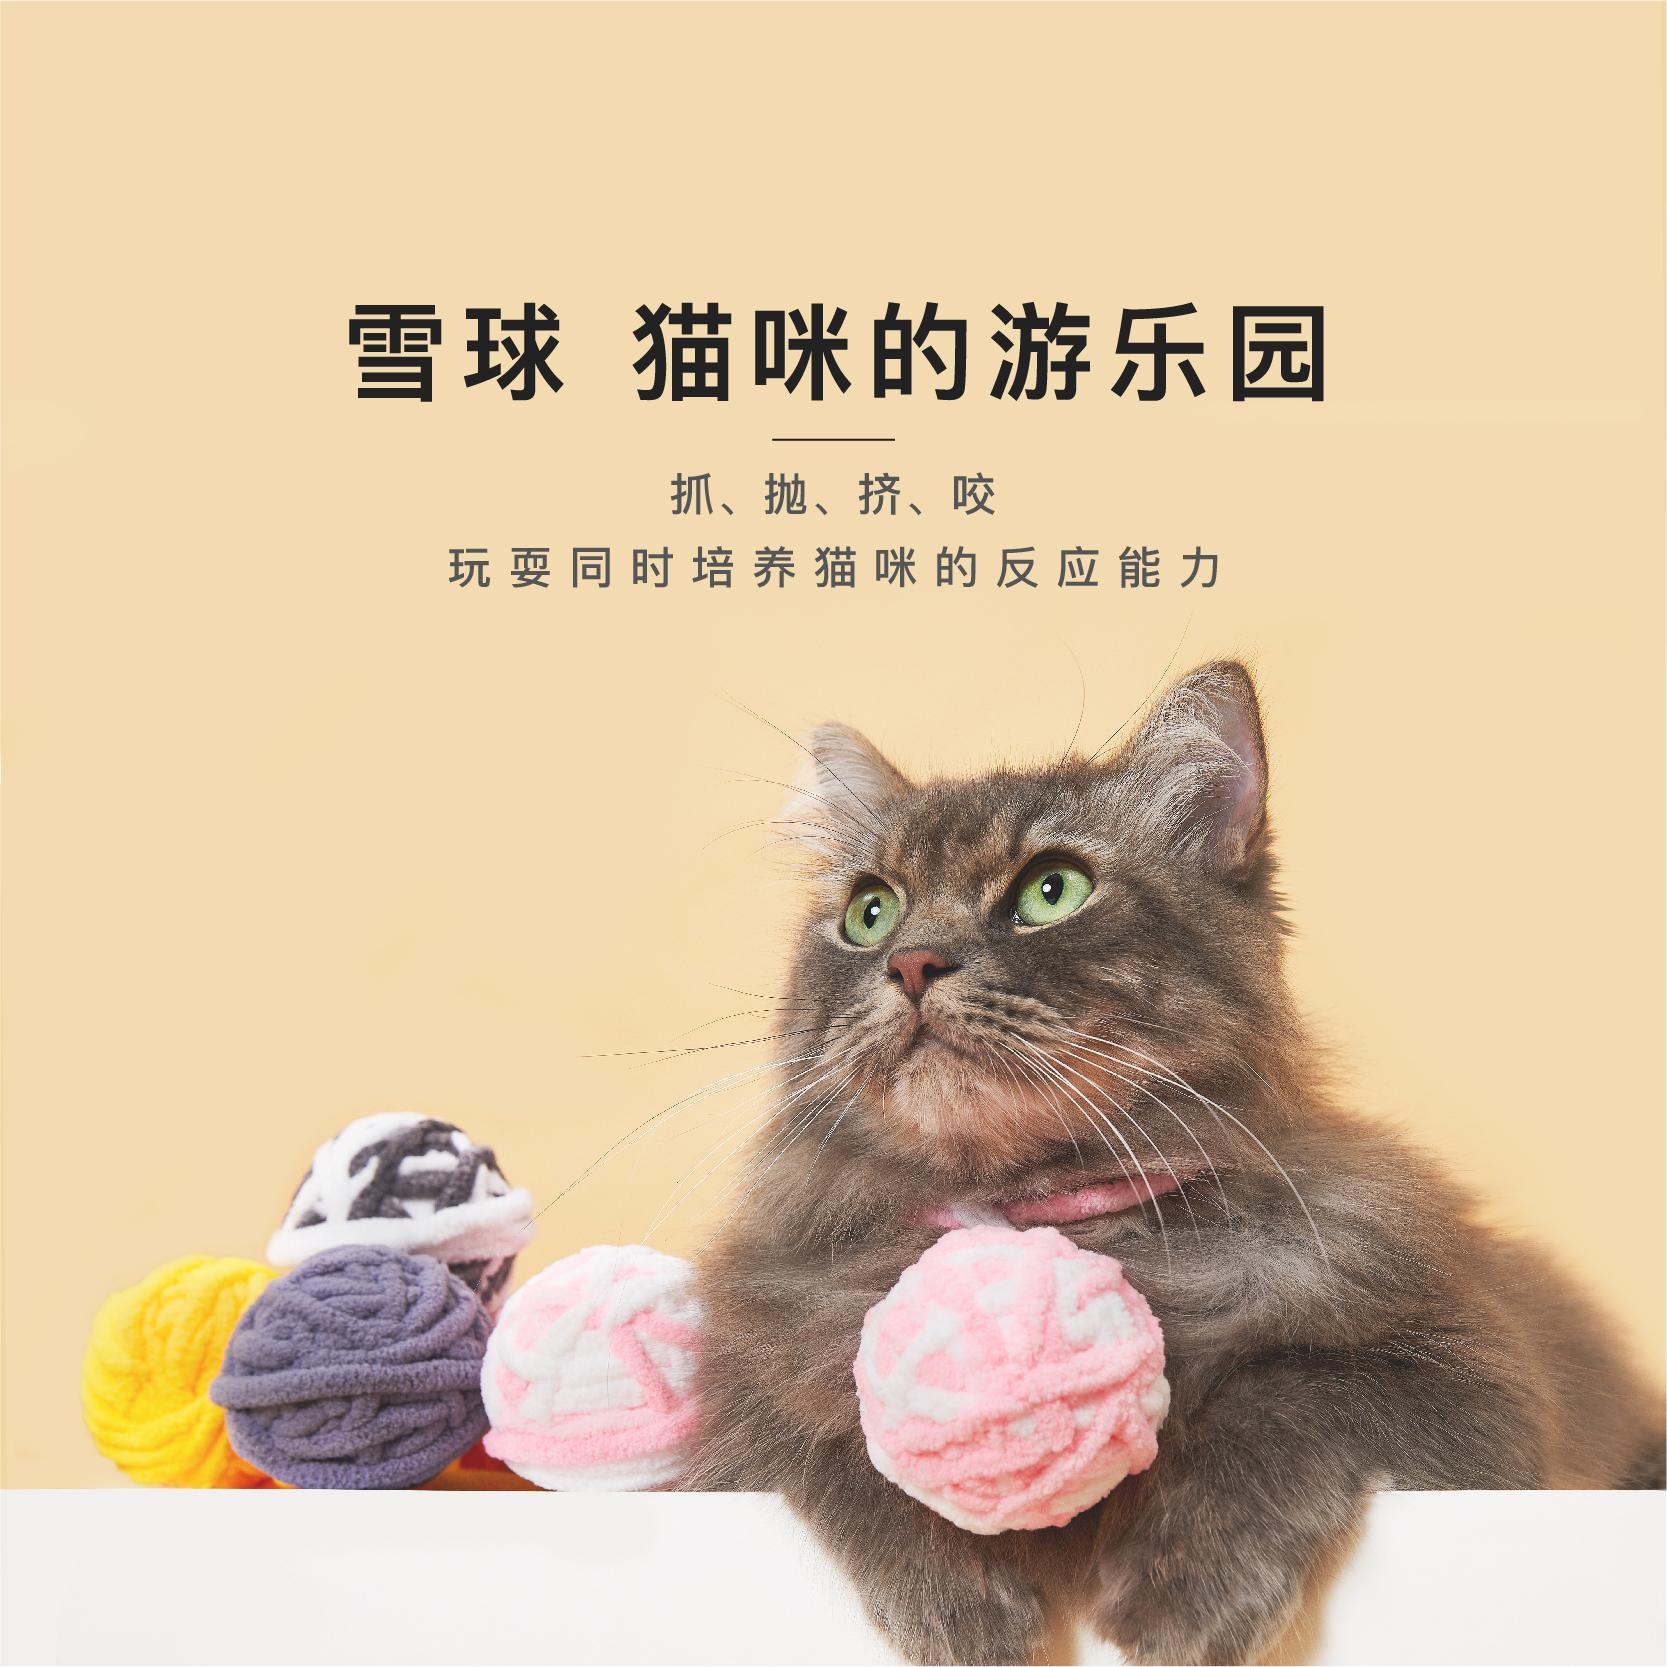 Sợi bóng mèo đồ chơi mèo đồ chơi bóng răng hàm răng cắn mèo kháng - Mèo / Chó Đồ chơi